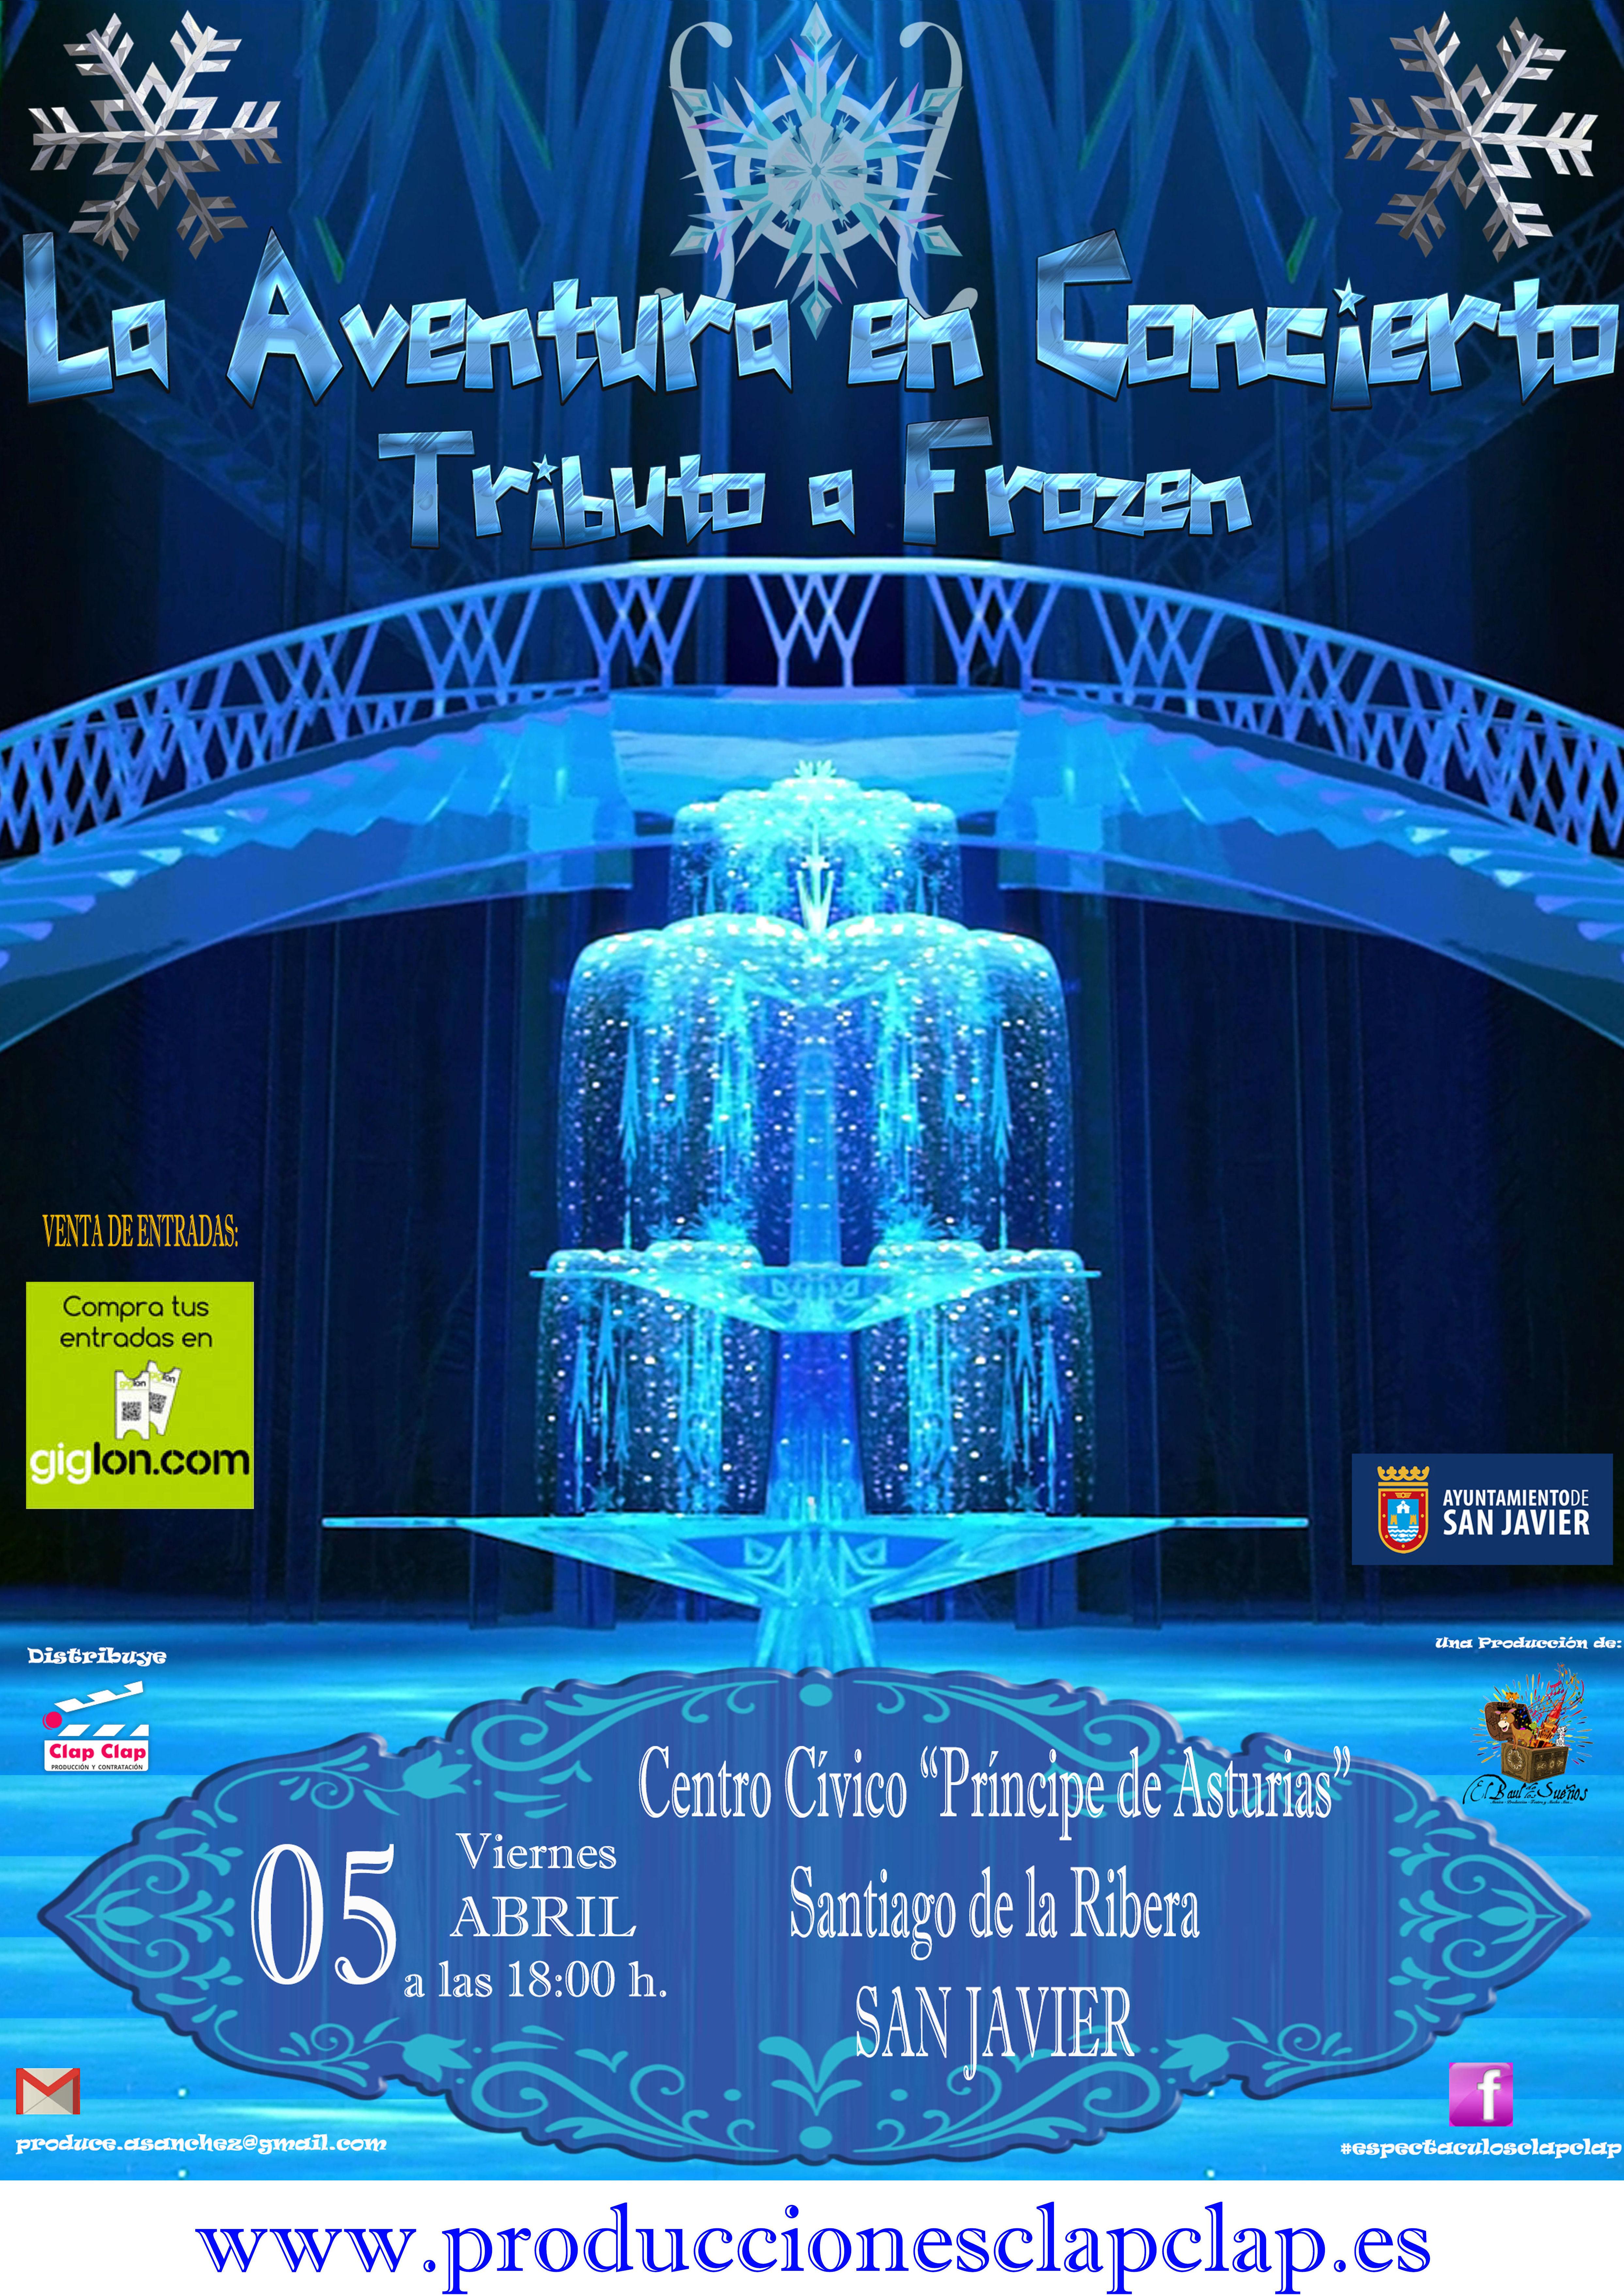 La Aventura en Concierto - Tributo Frozen - Santiago de La Ribera